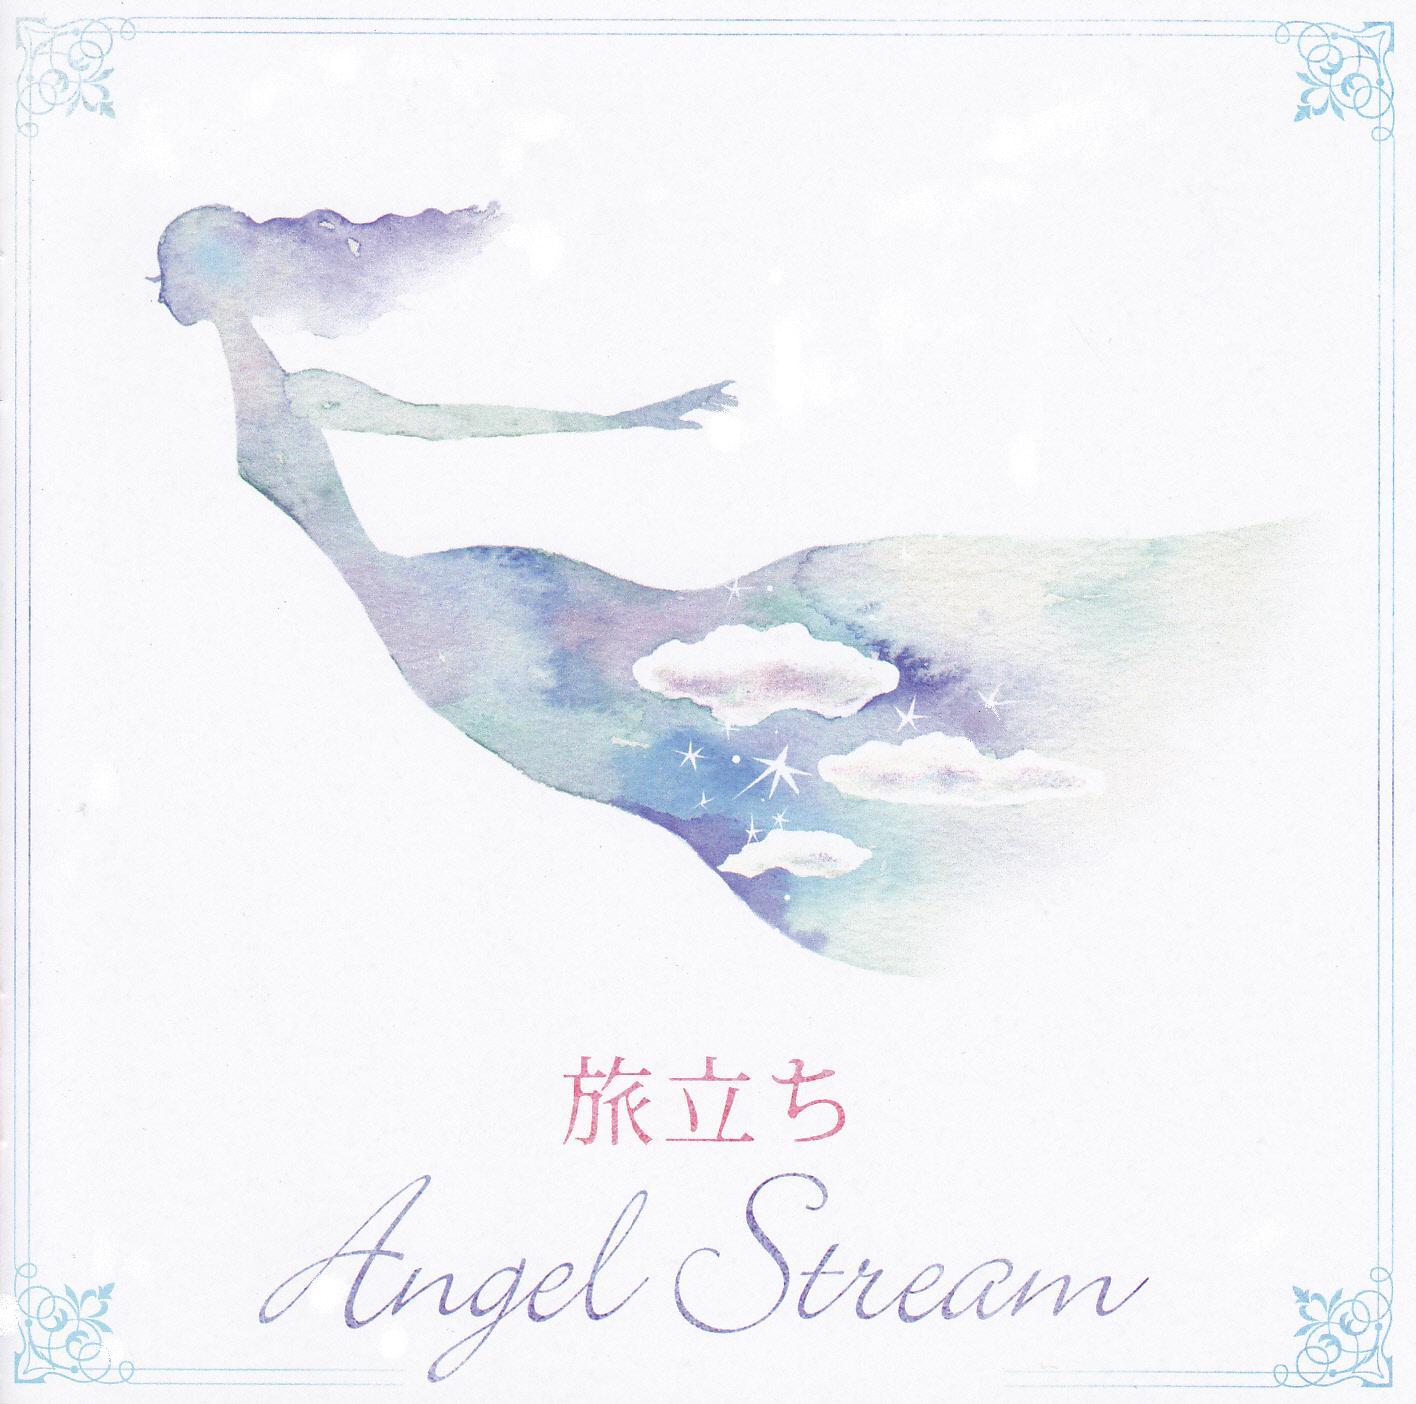 2011年11月28日発売 Angel Stream 3rd アルバム(全5曲)  ★送料無料(※代引き発送の場合には手数料が発生いたします)